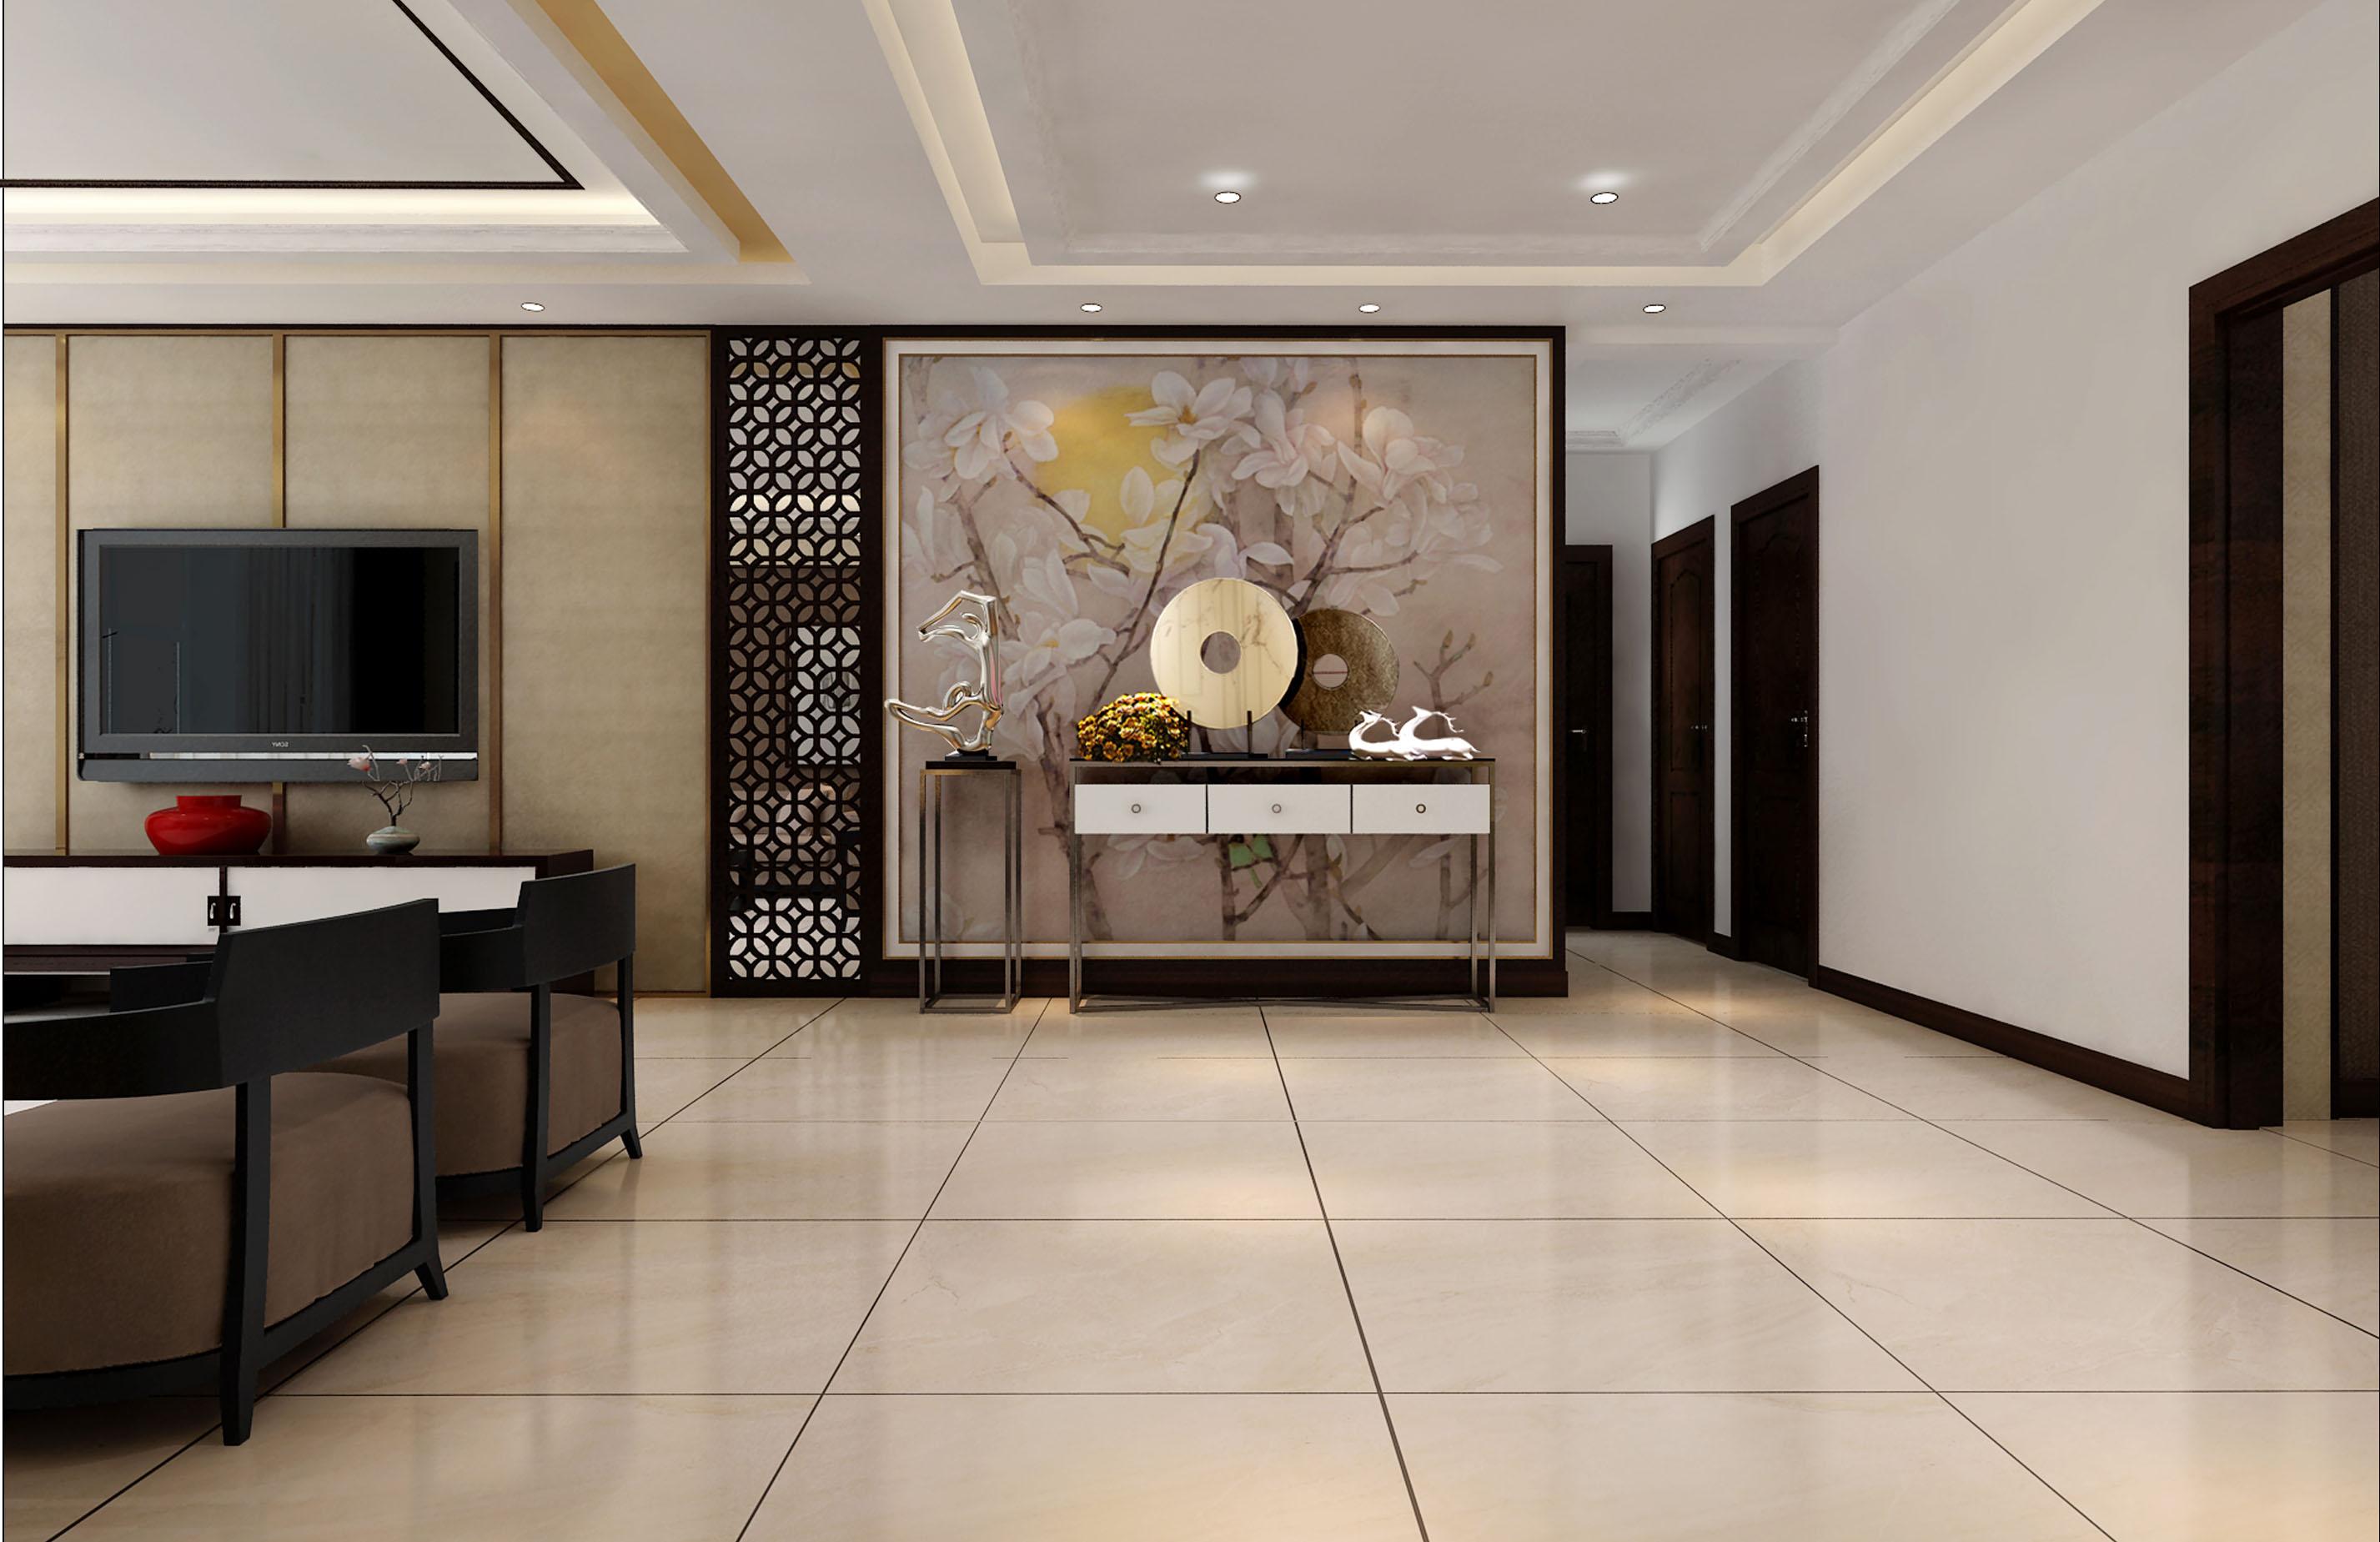 绢画壁布使空间得到提升